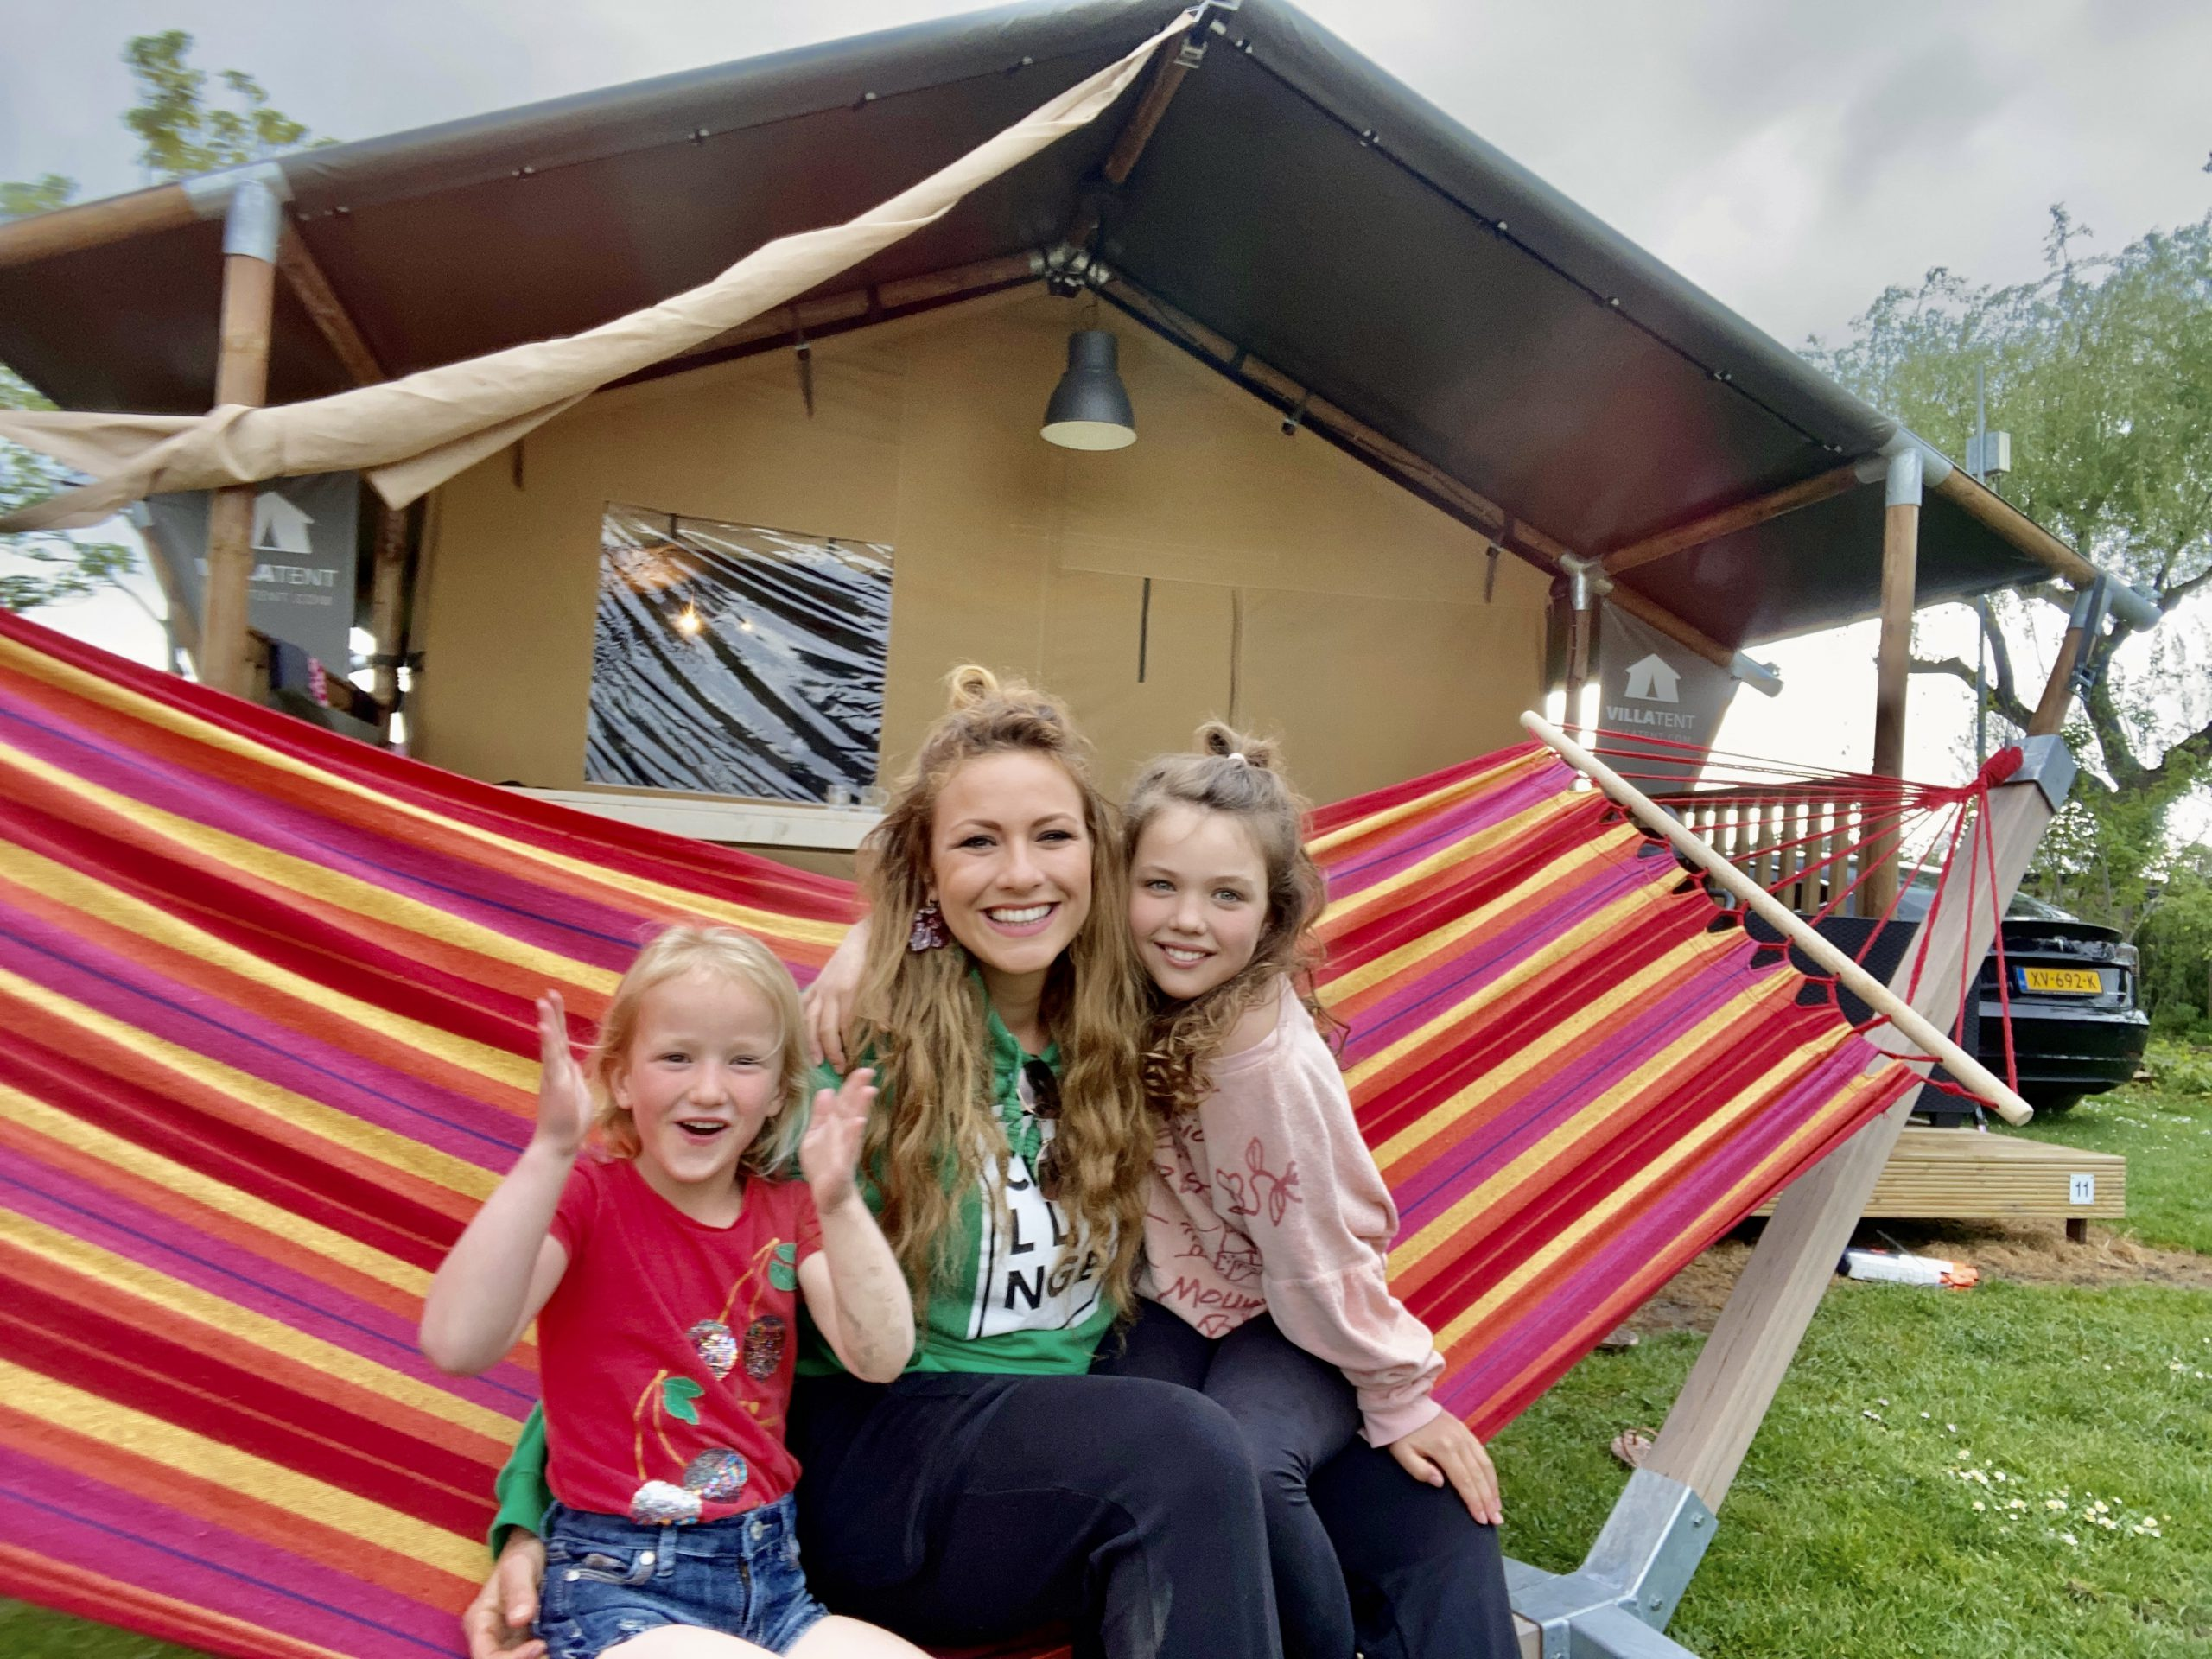 Of ik van kamperen hou? JessicaOnline.nl